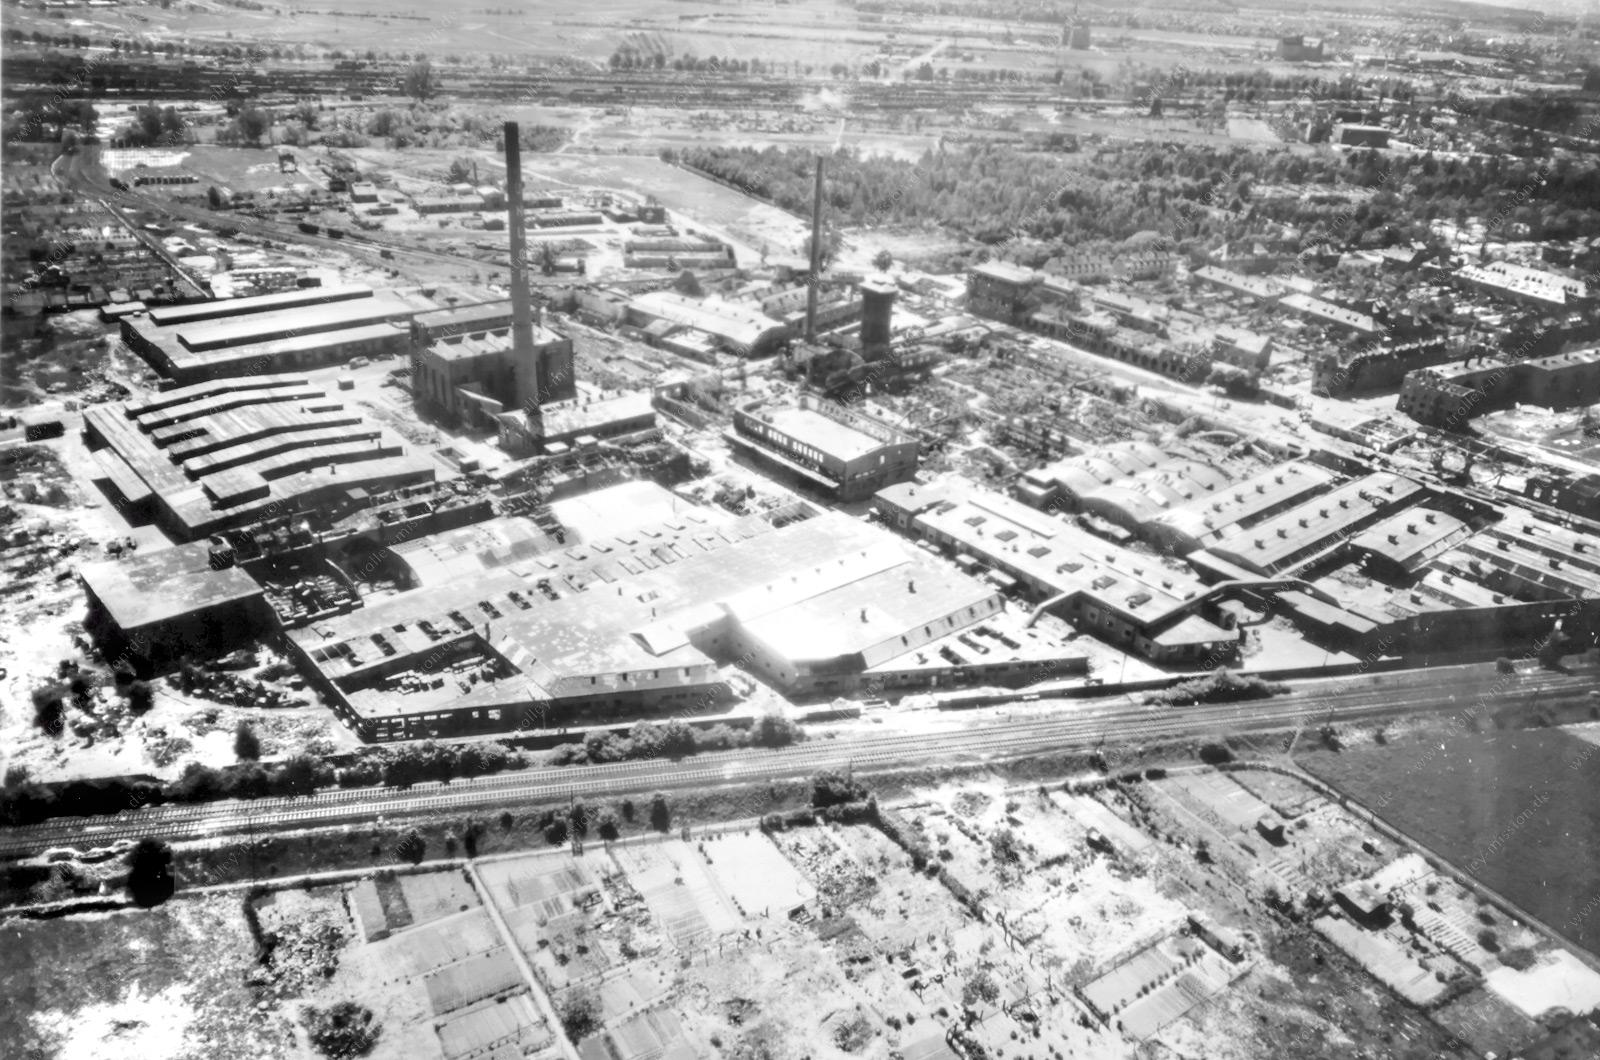 Reifenfabrik Goodyear Dunlop in Hanau - Luftaufnahme aus dem Zweiten Weltkrieg